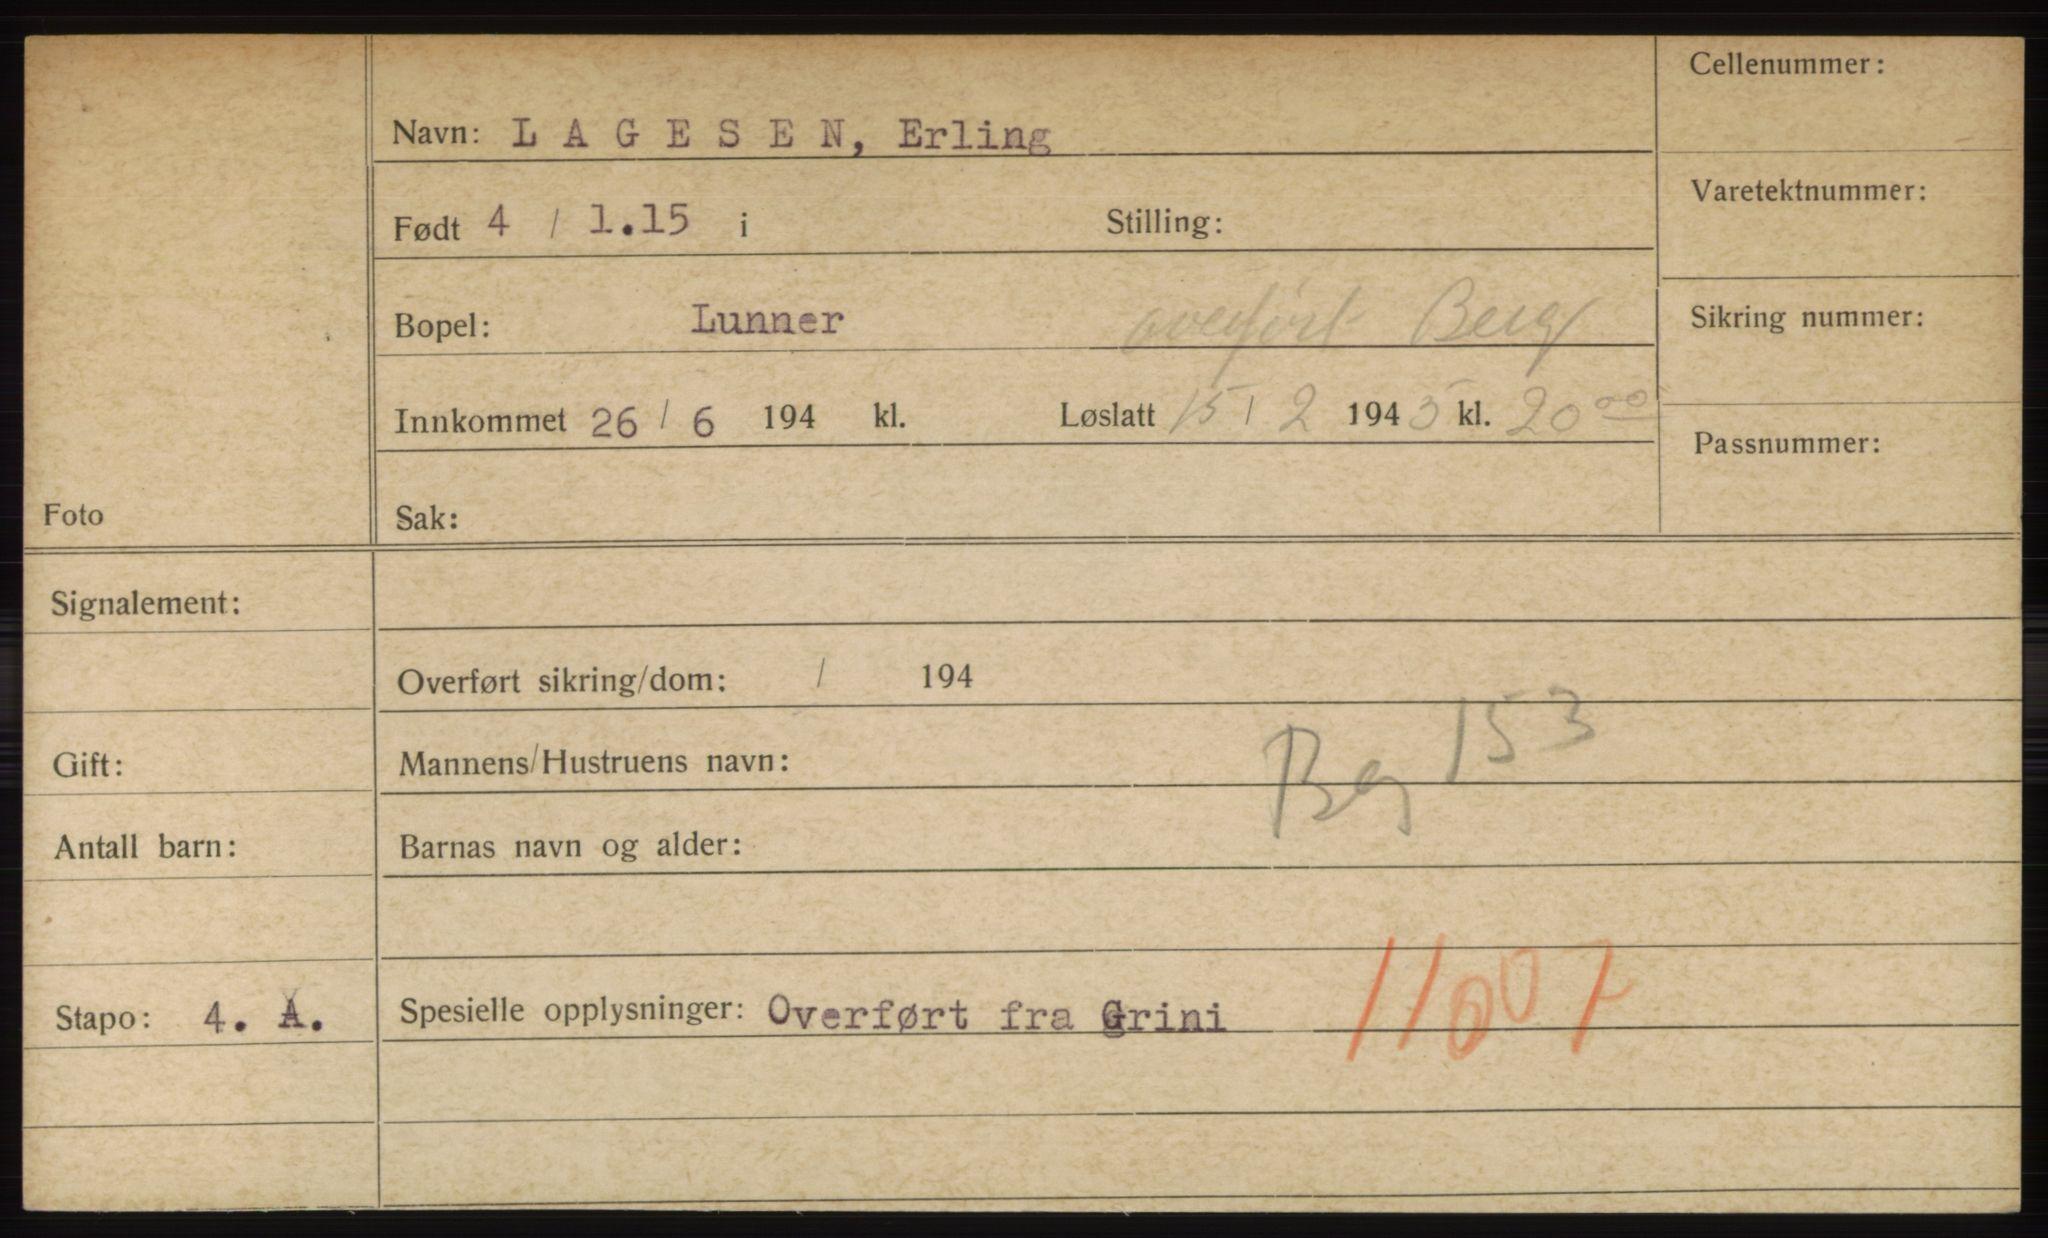 RA, Statspolitiet - Hovedkontoret / Osloavdelingen, C/Ck/Cke/L0004: Fangeregister L-R, 1941-1945, s. 1